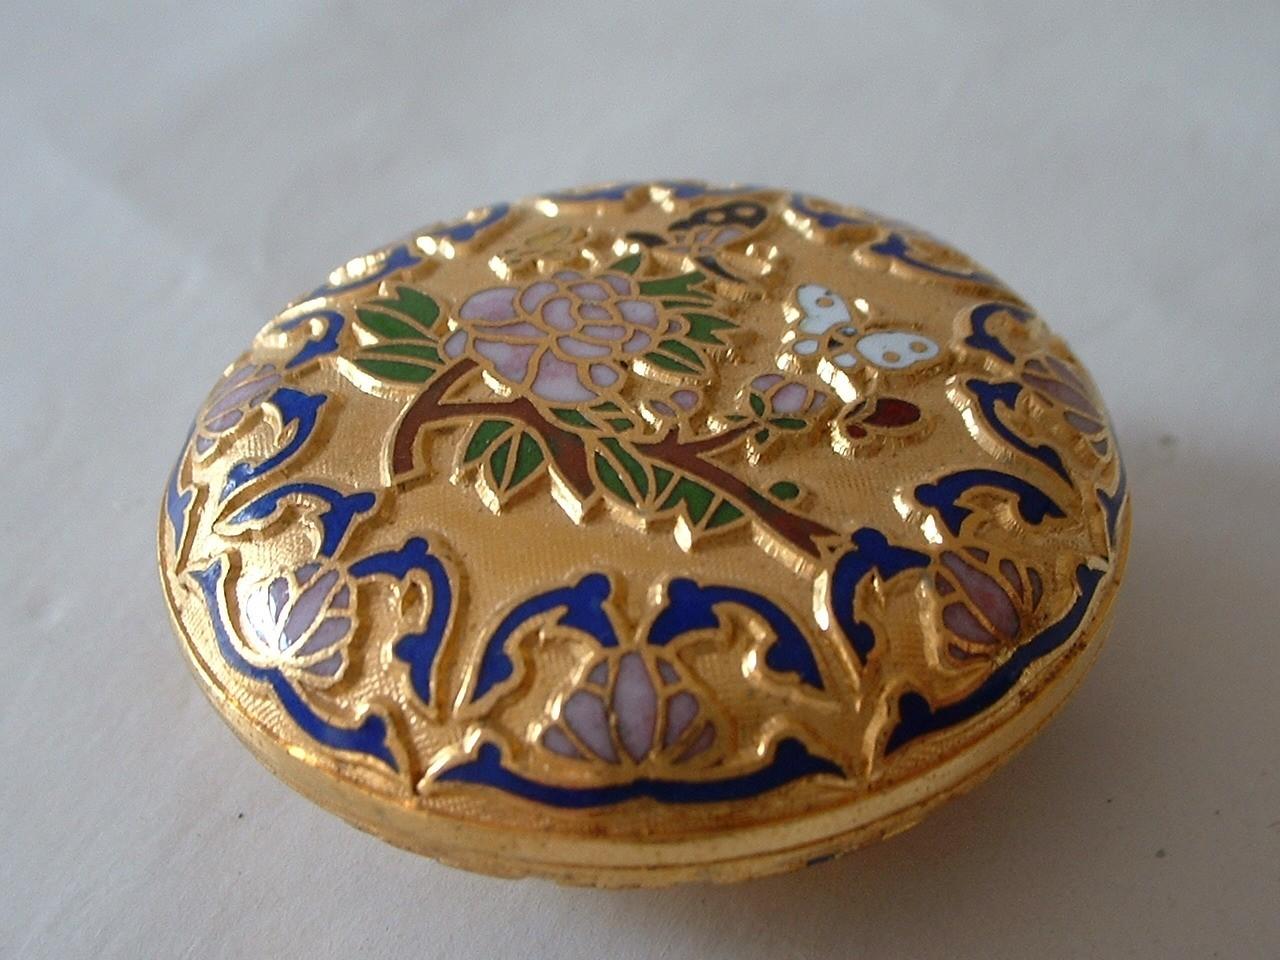 Vintage Mint Condition Cloisonne Box